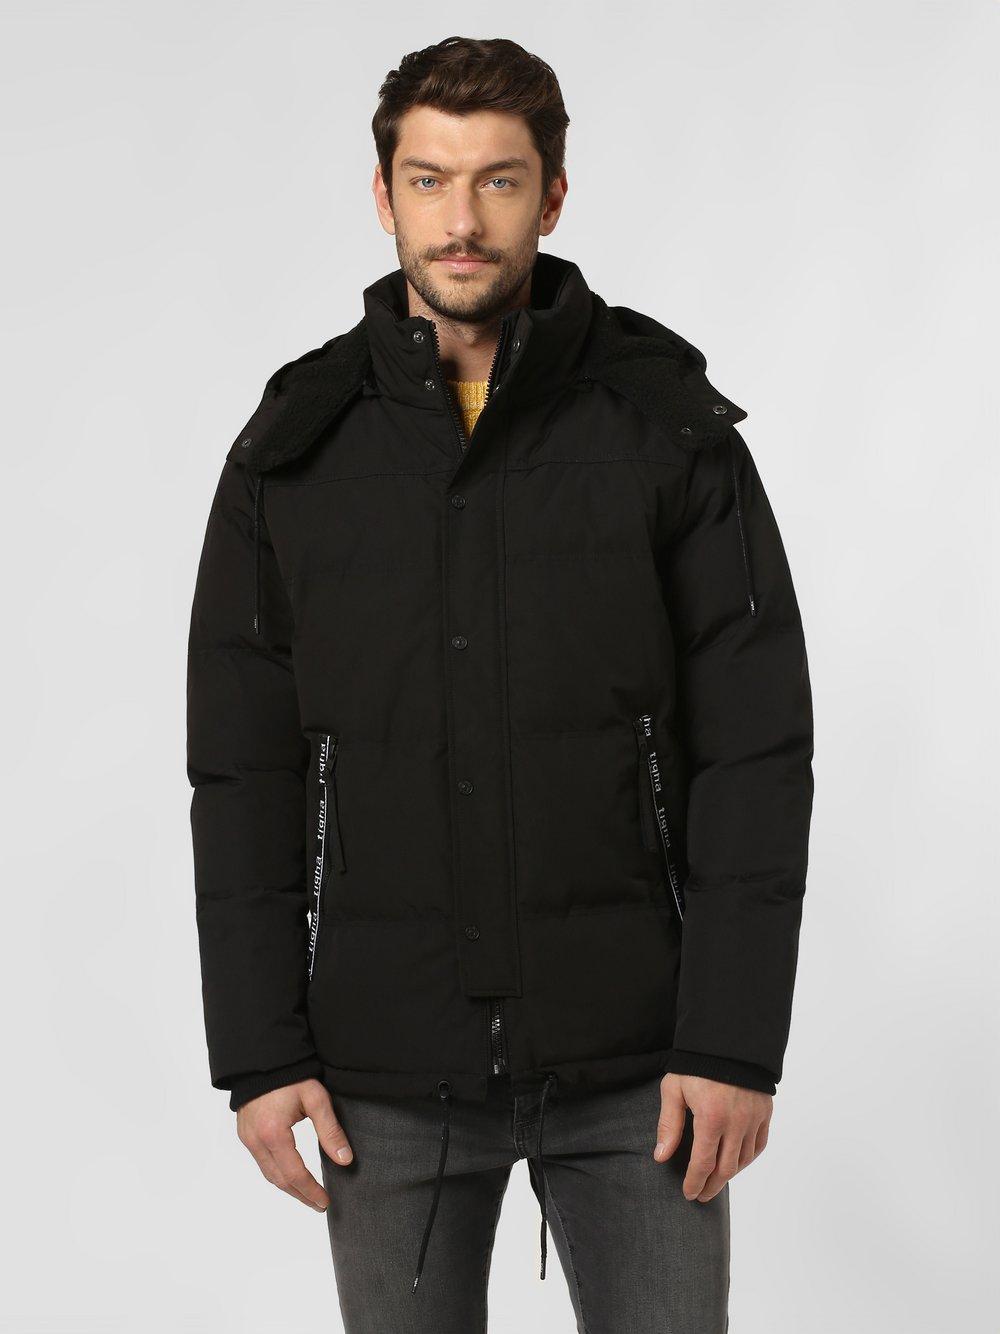 Tigha - Męska kurtka pikowana – Kobie, czarny